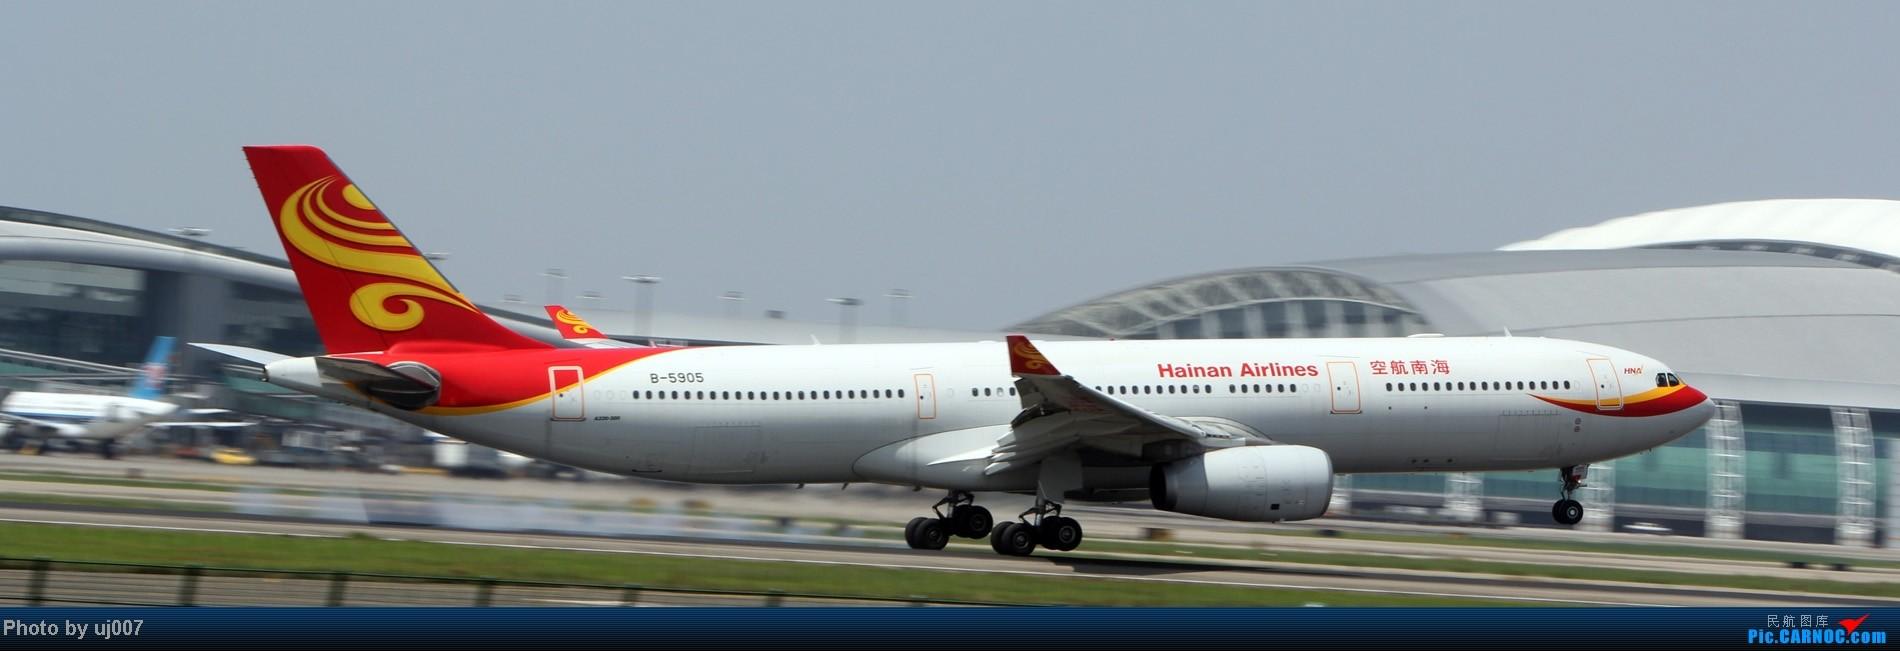 Re:[原创]10月2日白云拍机(大飞机,特别妆,外航,闪灯,擦烟)求指点. AIRBUS A330-300 B-5905 中国广州白云机场